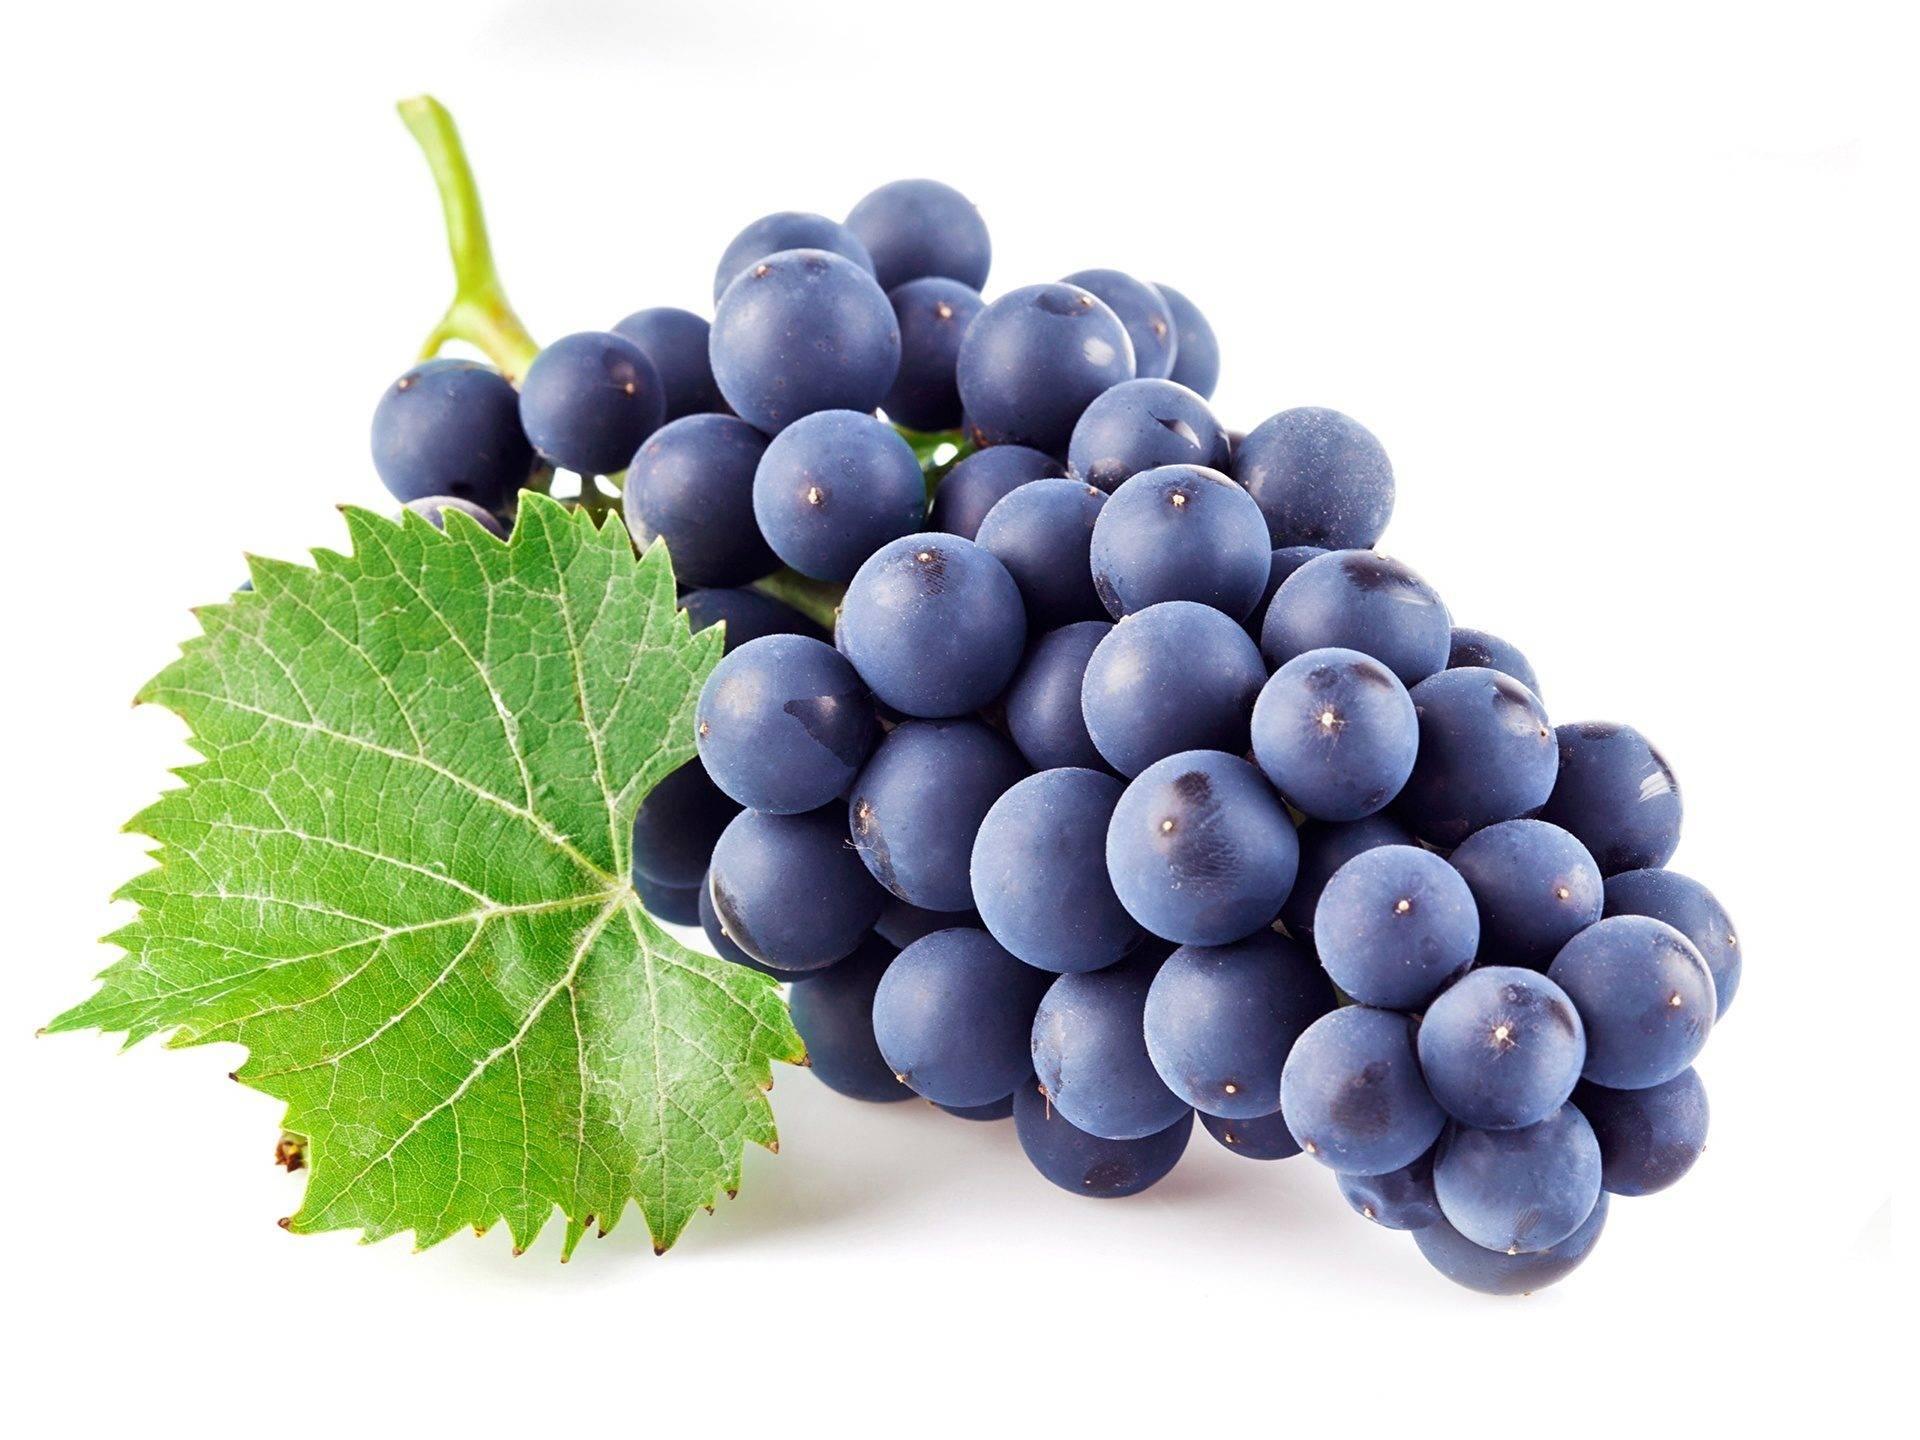 Виноград саперави северный: описание, фото и отзывы